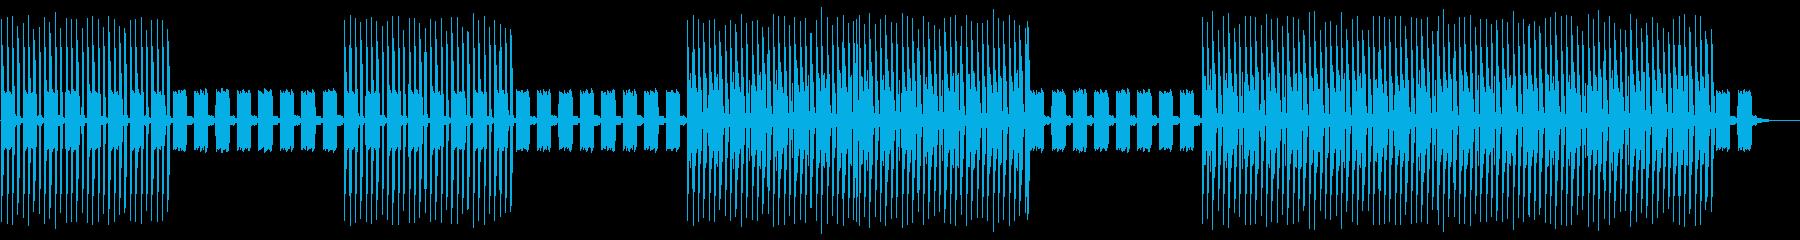 繰り返します。退屈な。ローダウンビ...の再生済みの波形